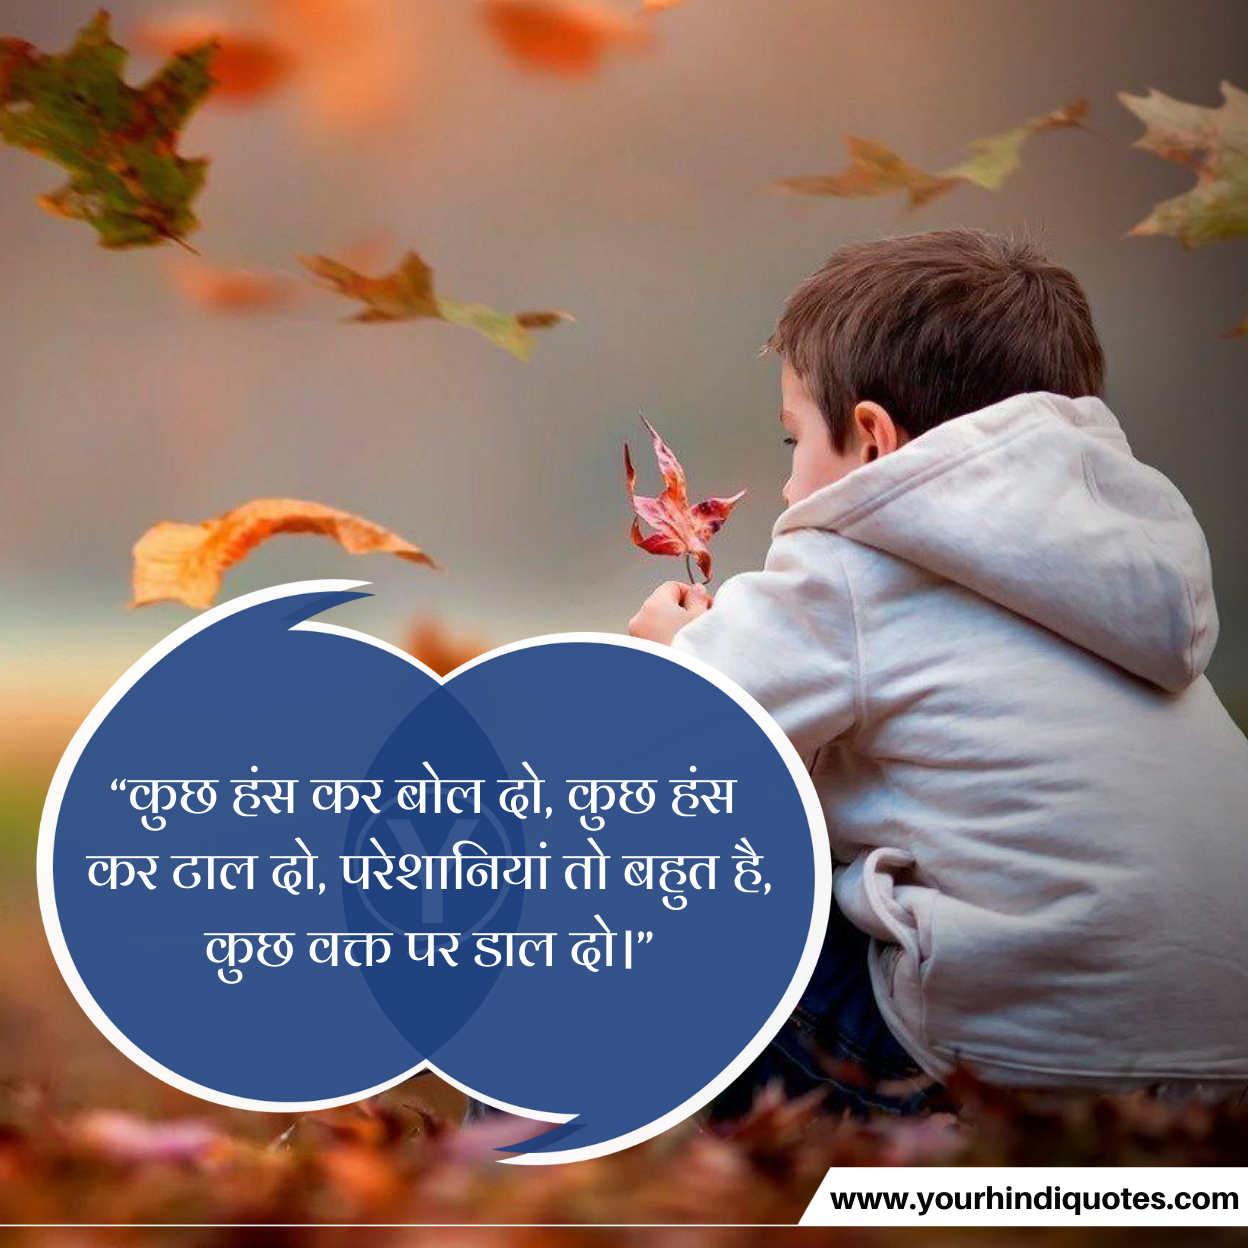 Hindi Good Morning Shayari Photo